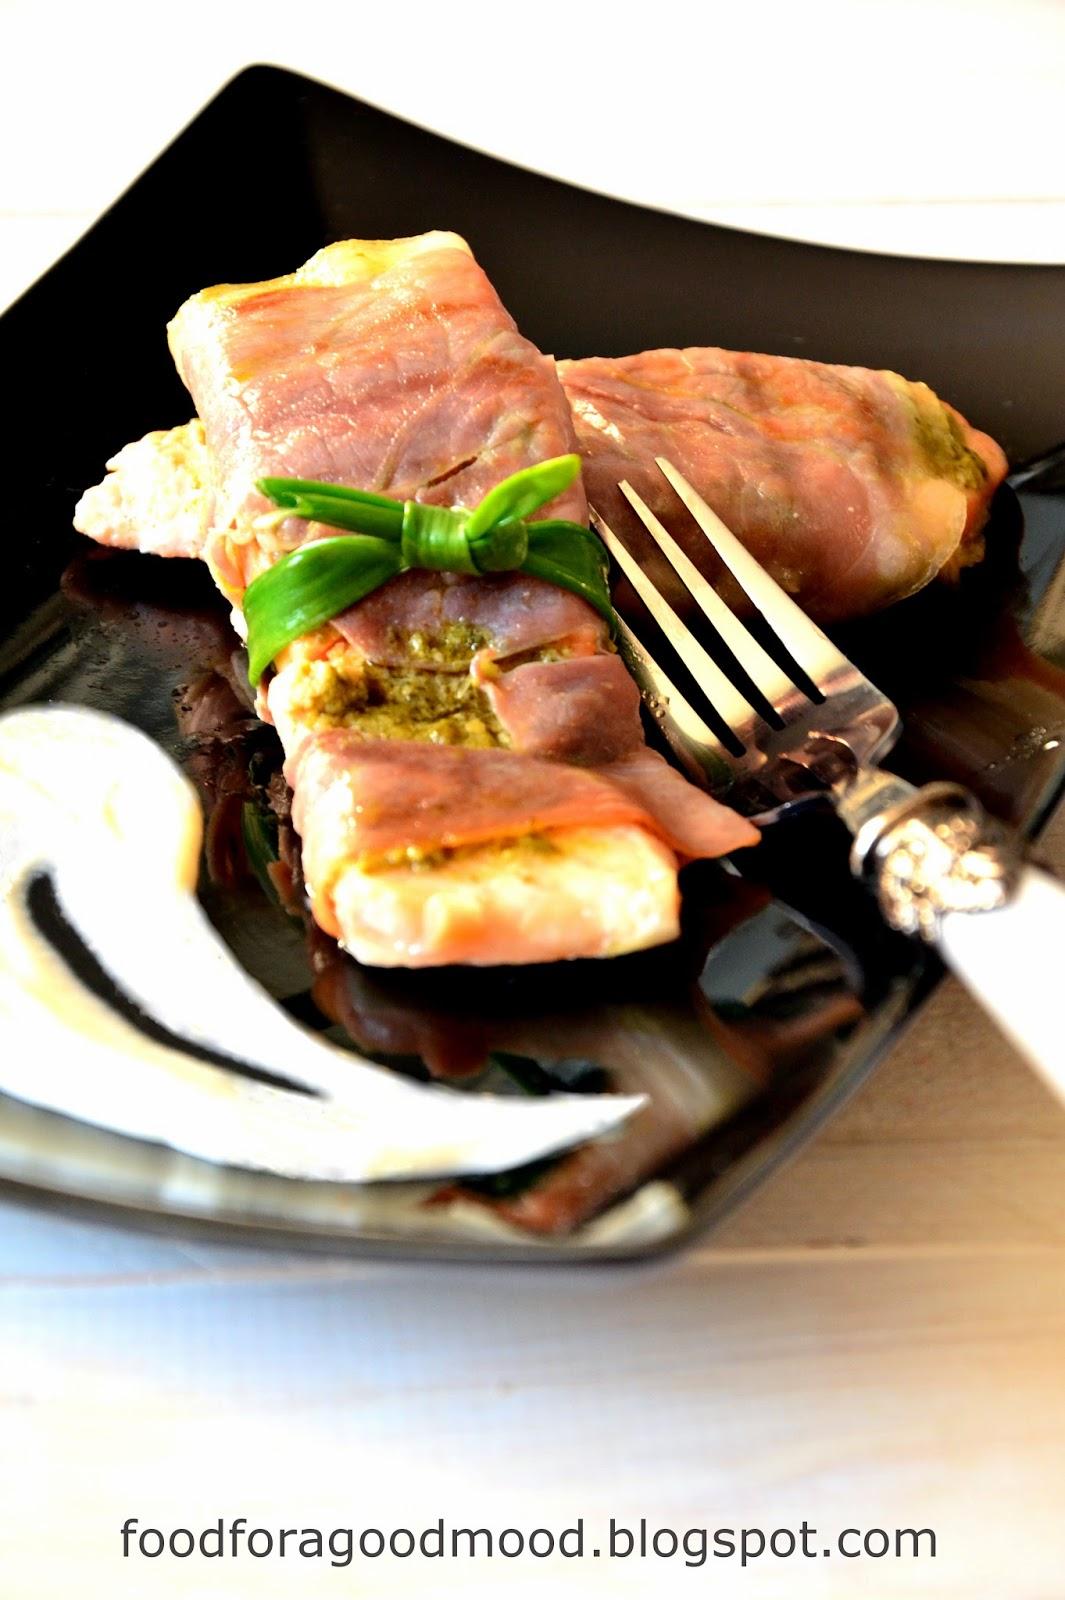 Sposób na ekstremalnie szybki a zarazem nieco wykwintny obiad. Grillowane filety z łososia, posmarowane aromatycznym zielonym pesto i zawinięte w plastry włoskiej szynki dojrzewającej. Do tego sos serowy z nutką gałki muszkatołowej.